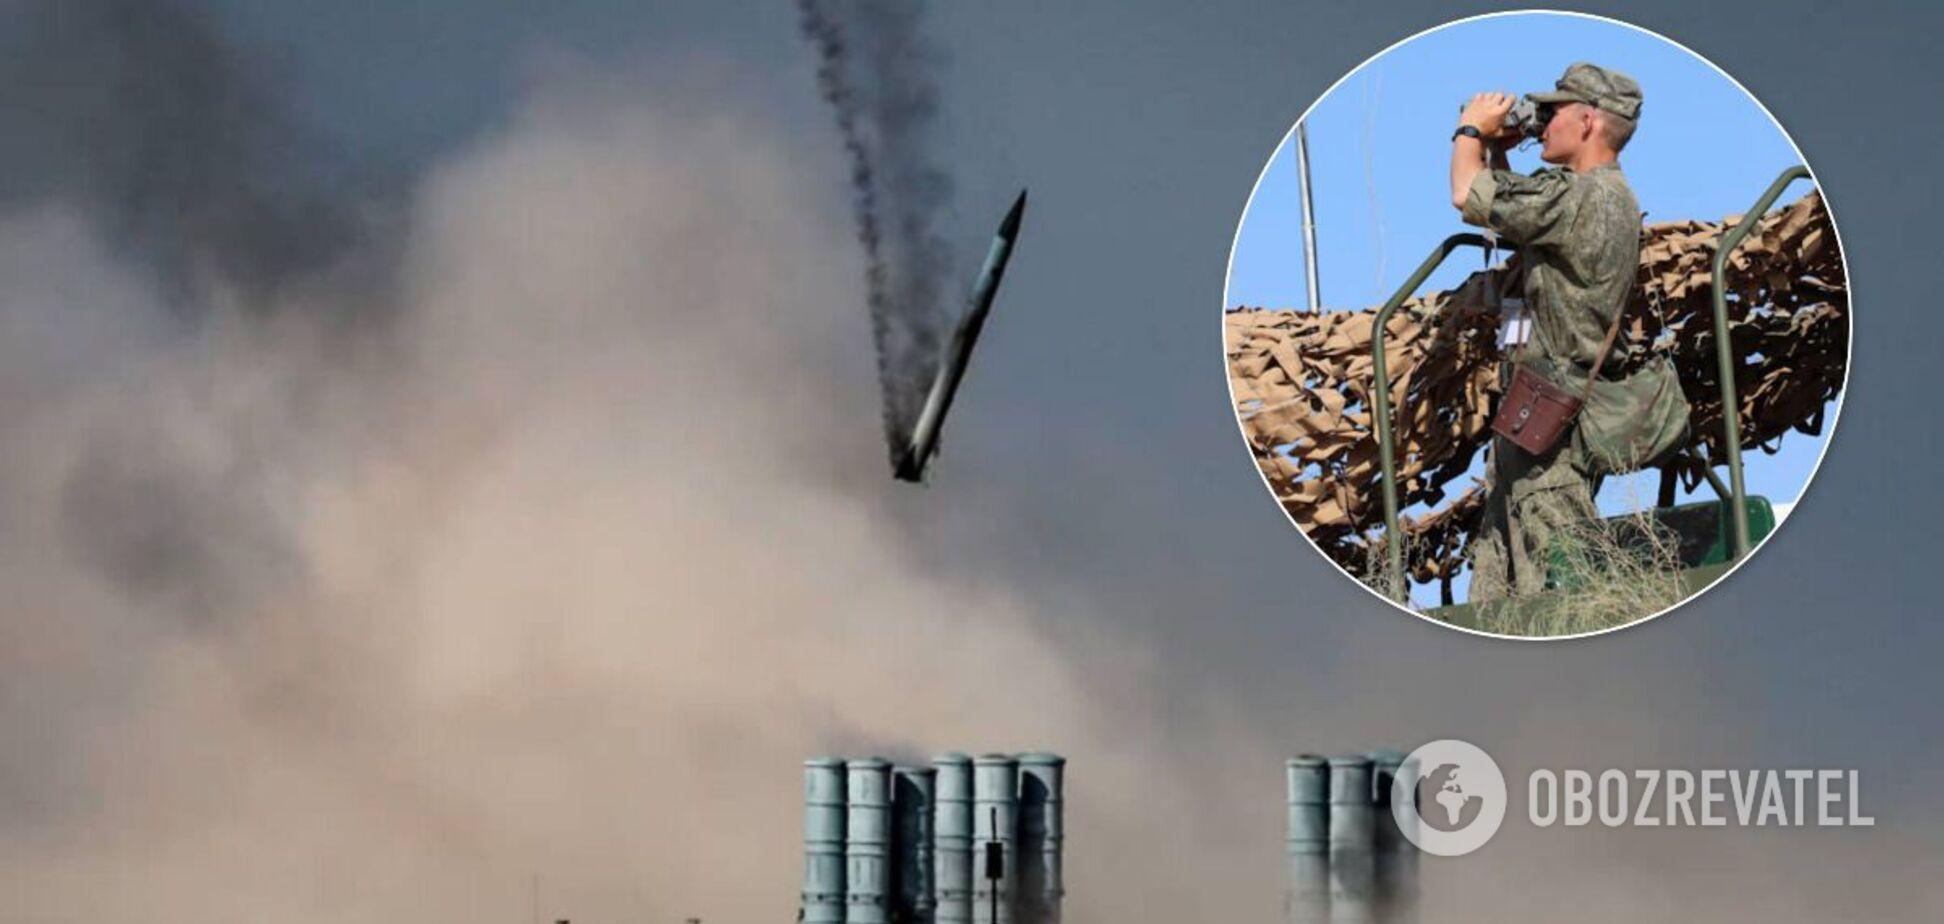 В Астраханской области упала ракета комплекса С-400